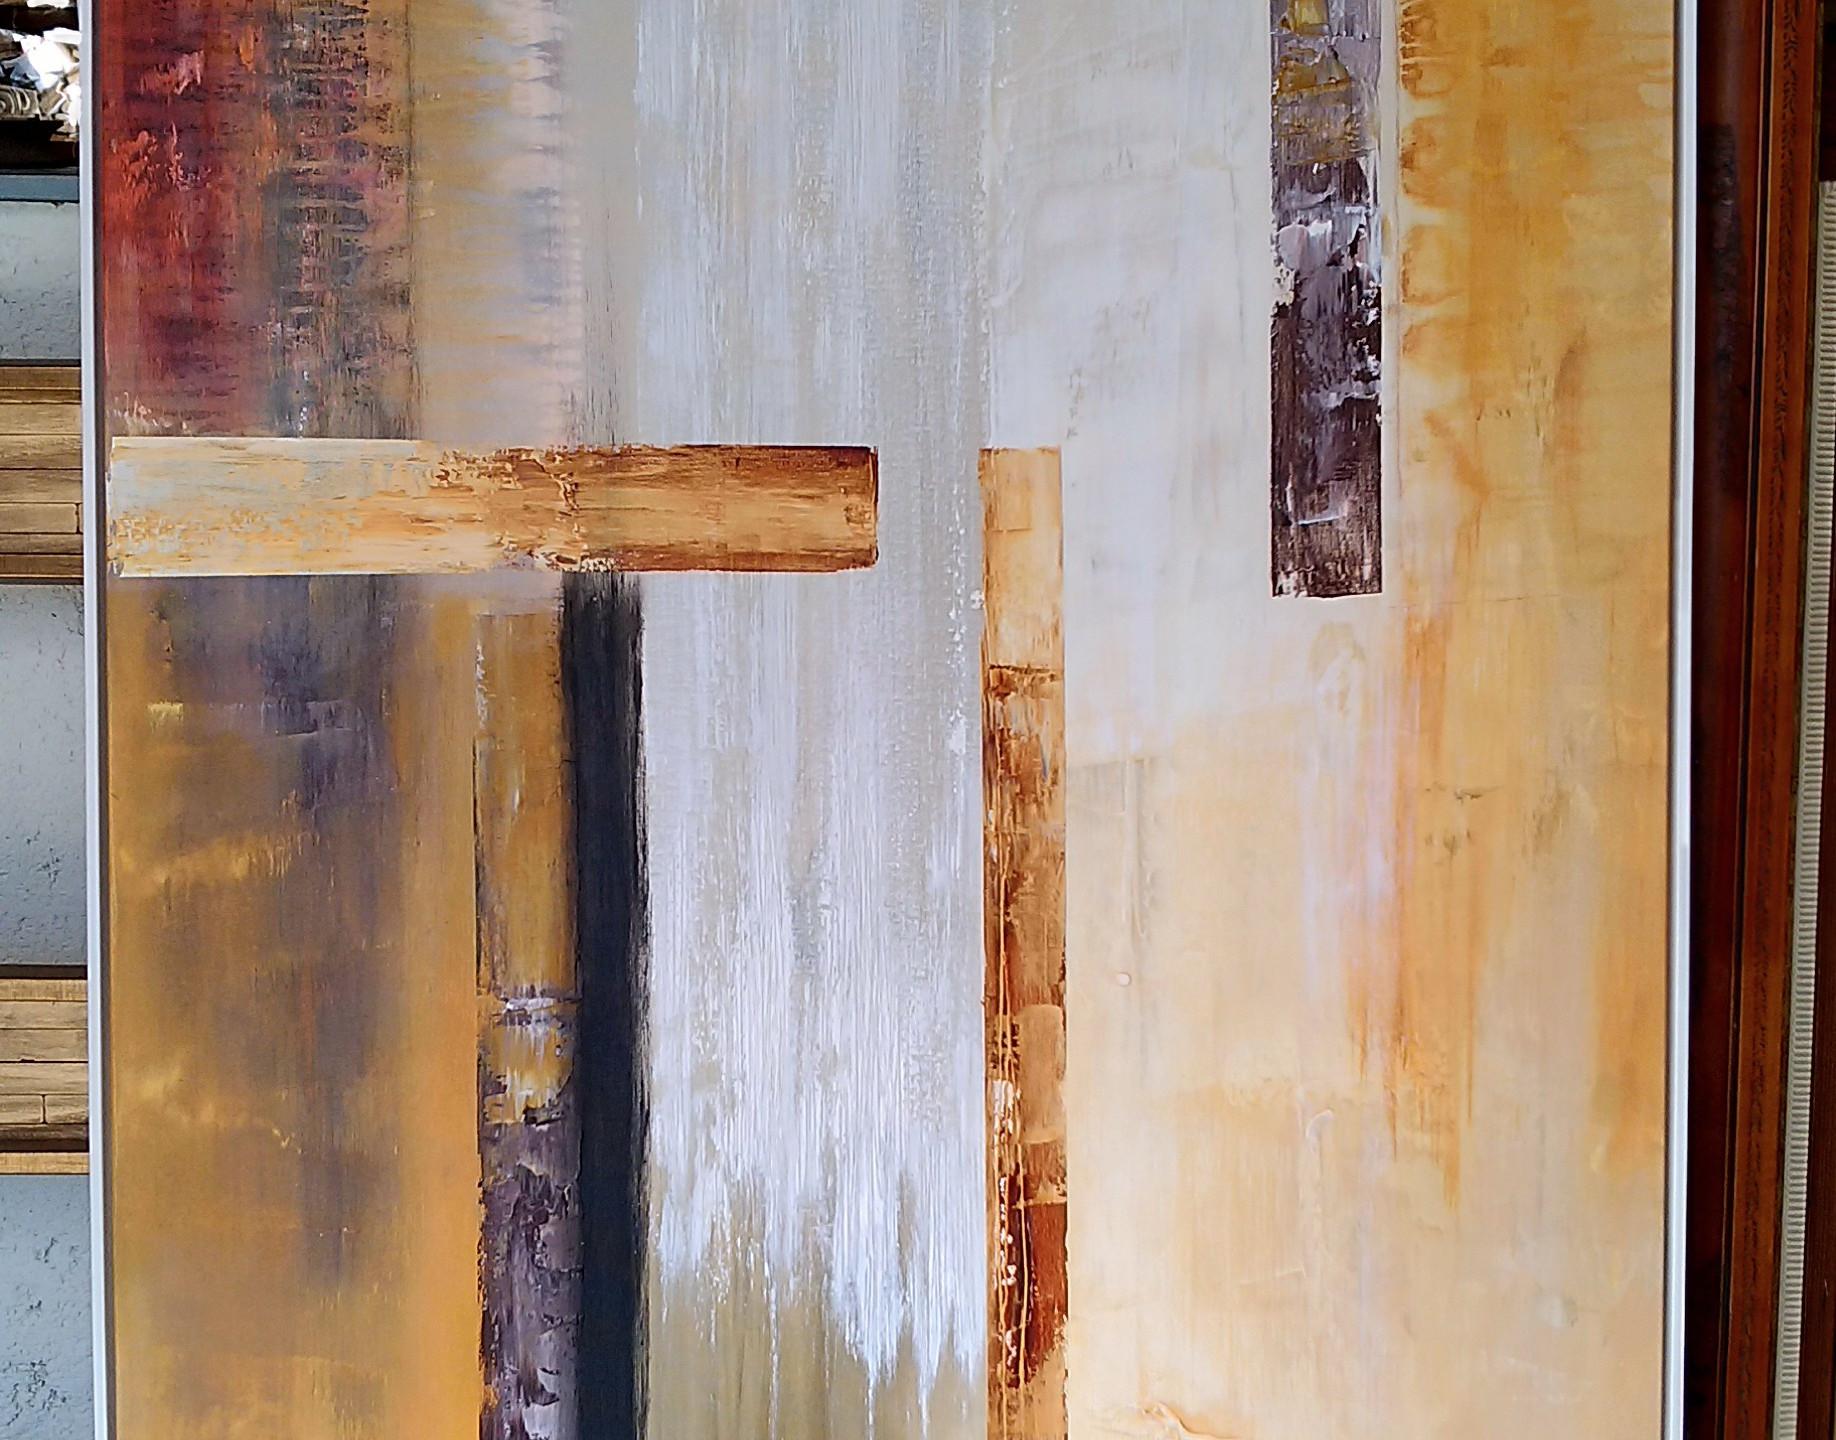 quadros abstratos na vertical (5)